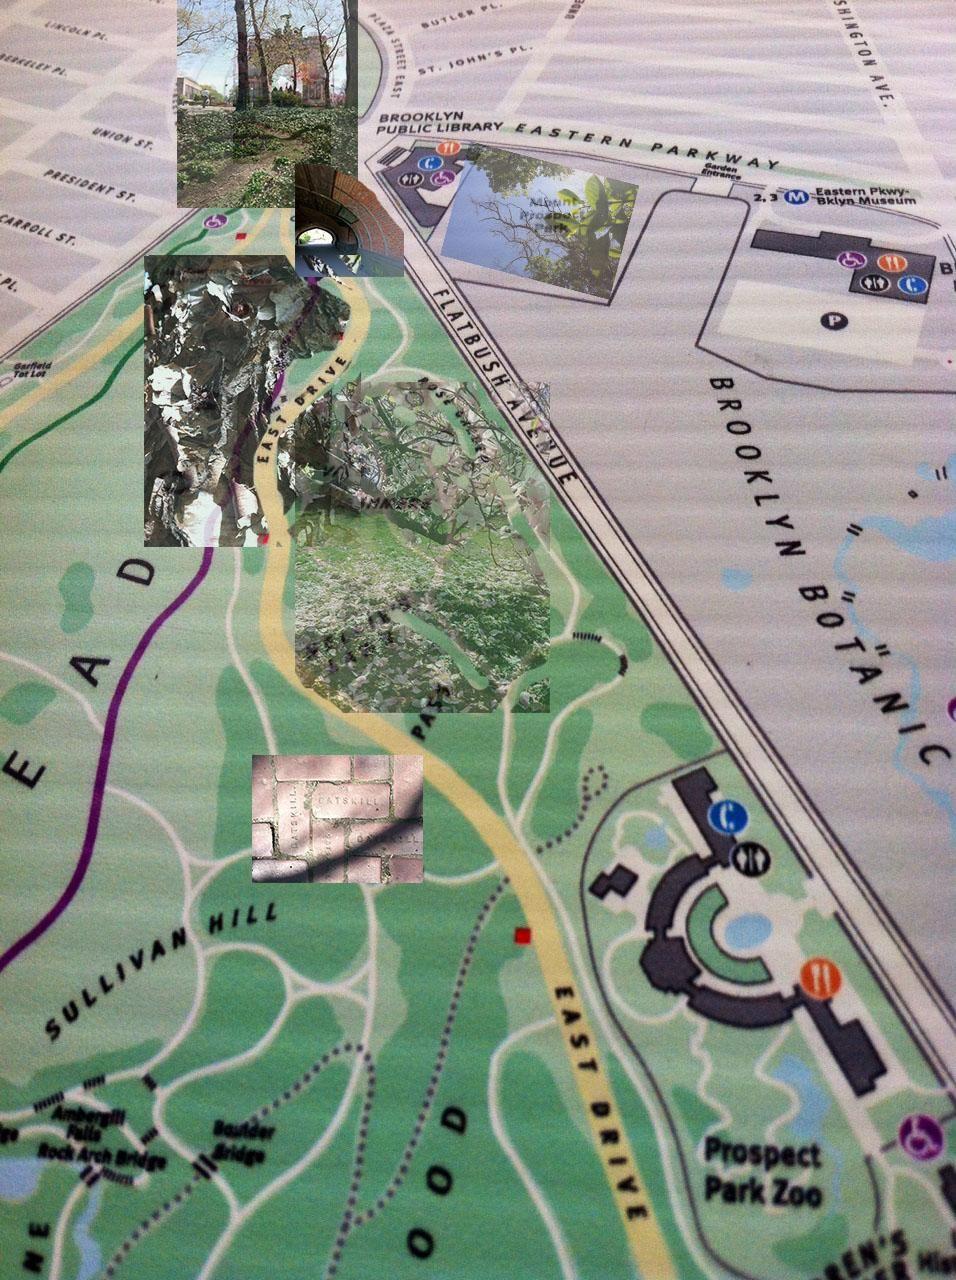 Sense Map of Secret places in Prospect Park  - image 1 - student project